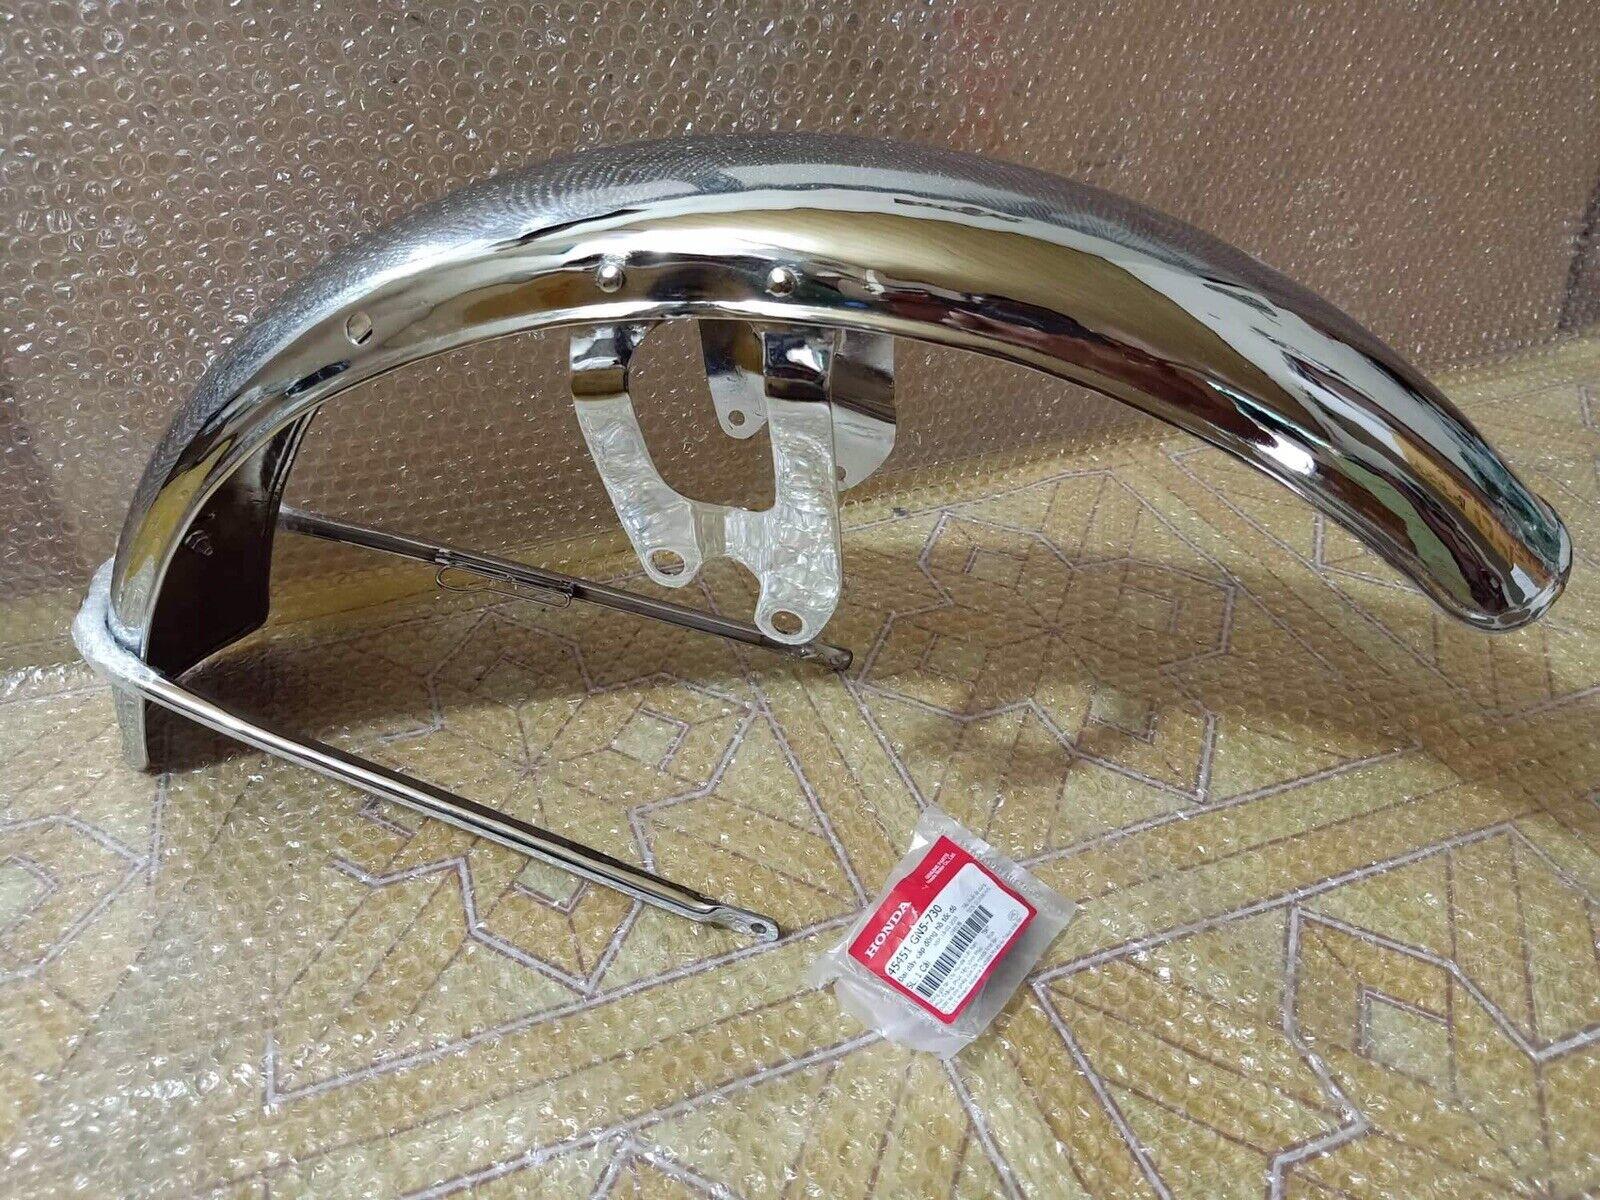 Honda Original Clignotant Support//Tailles cb550f-f2 33441-390-610